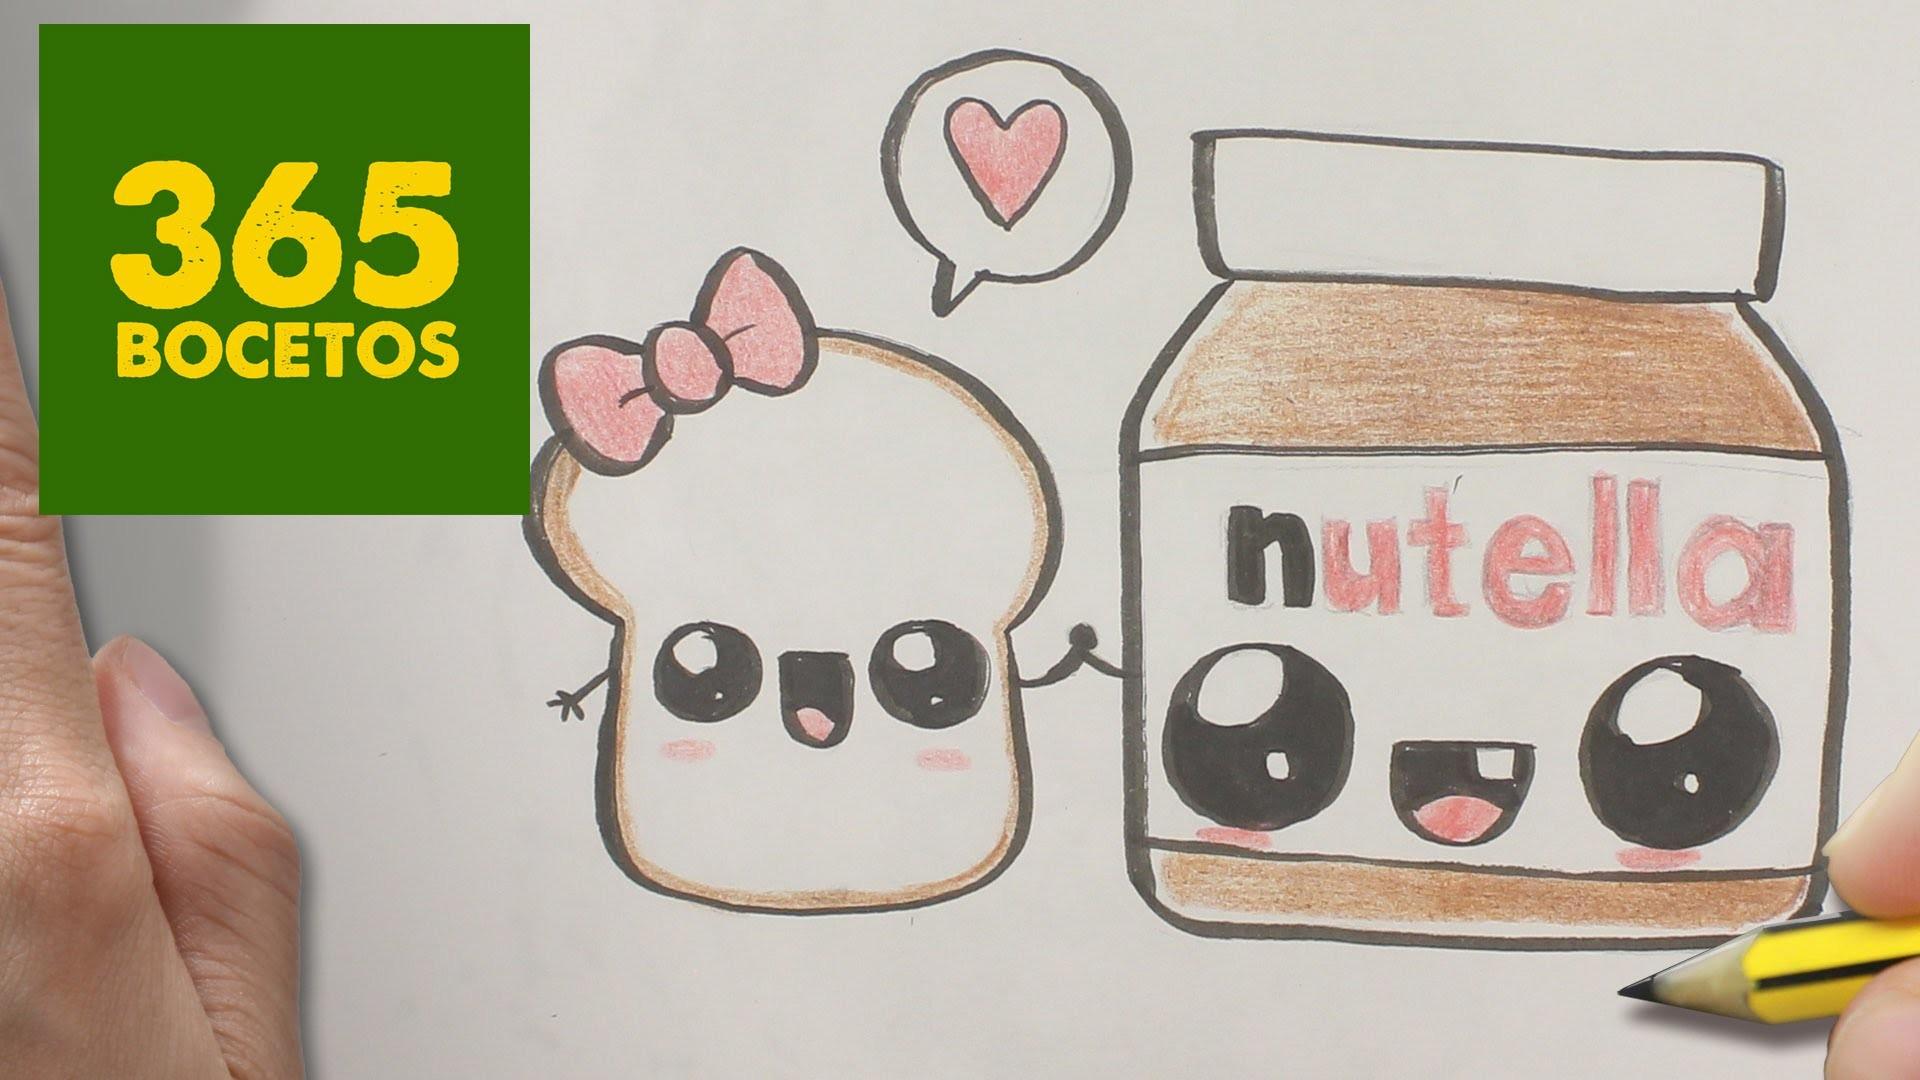 Como Dibujar Libreta Kawaii Paso A Paso Dibujos Kawaii: COMO DIBUJAR NUTELLA Y PAN KAWAII PASO A PASO